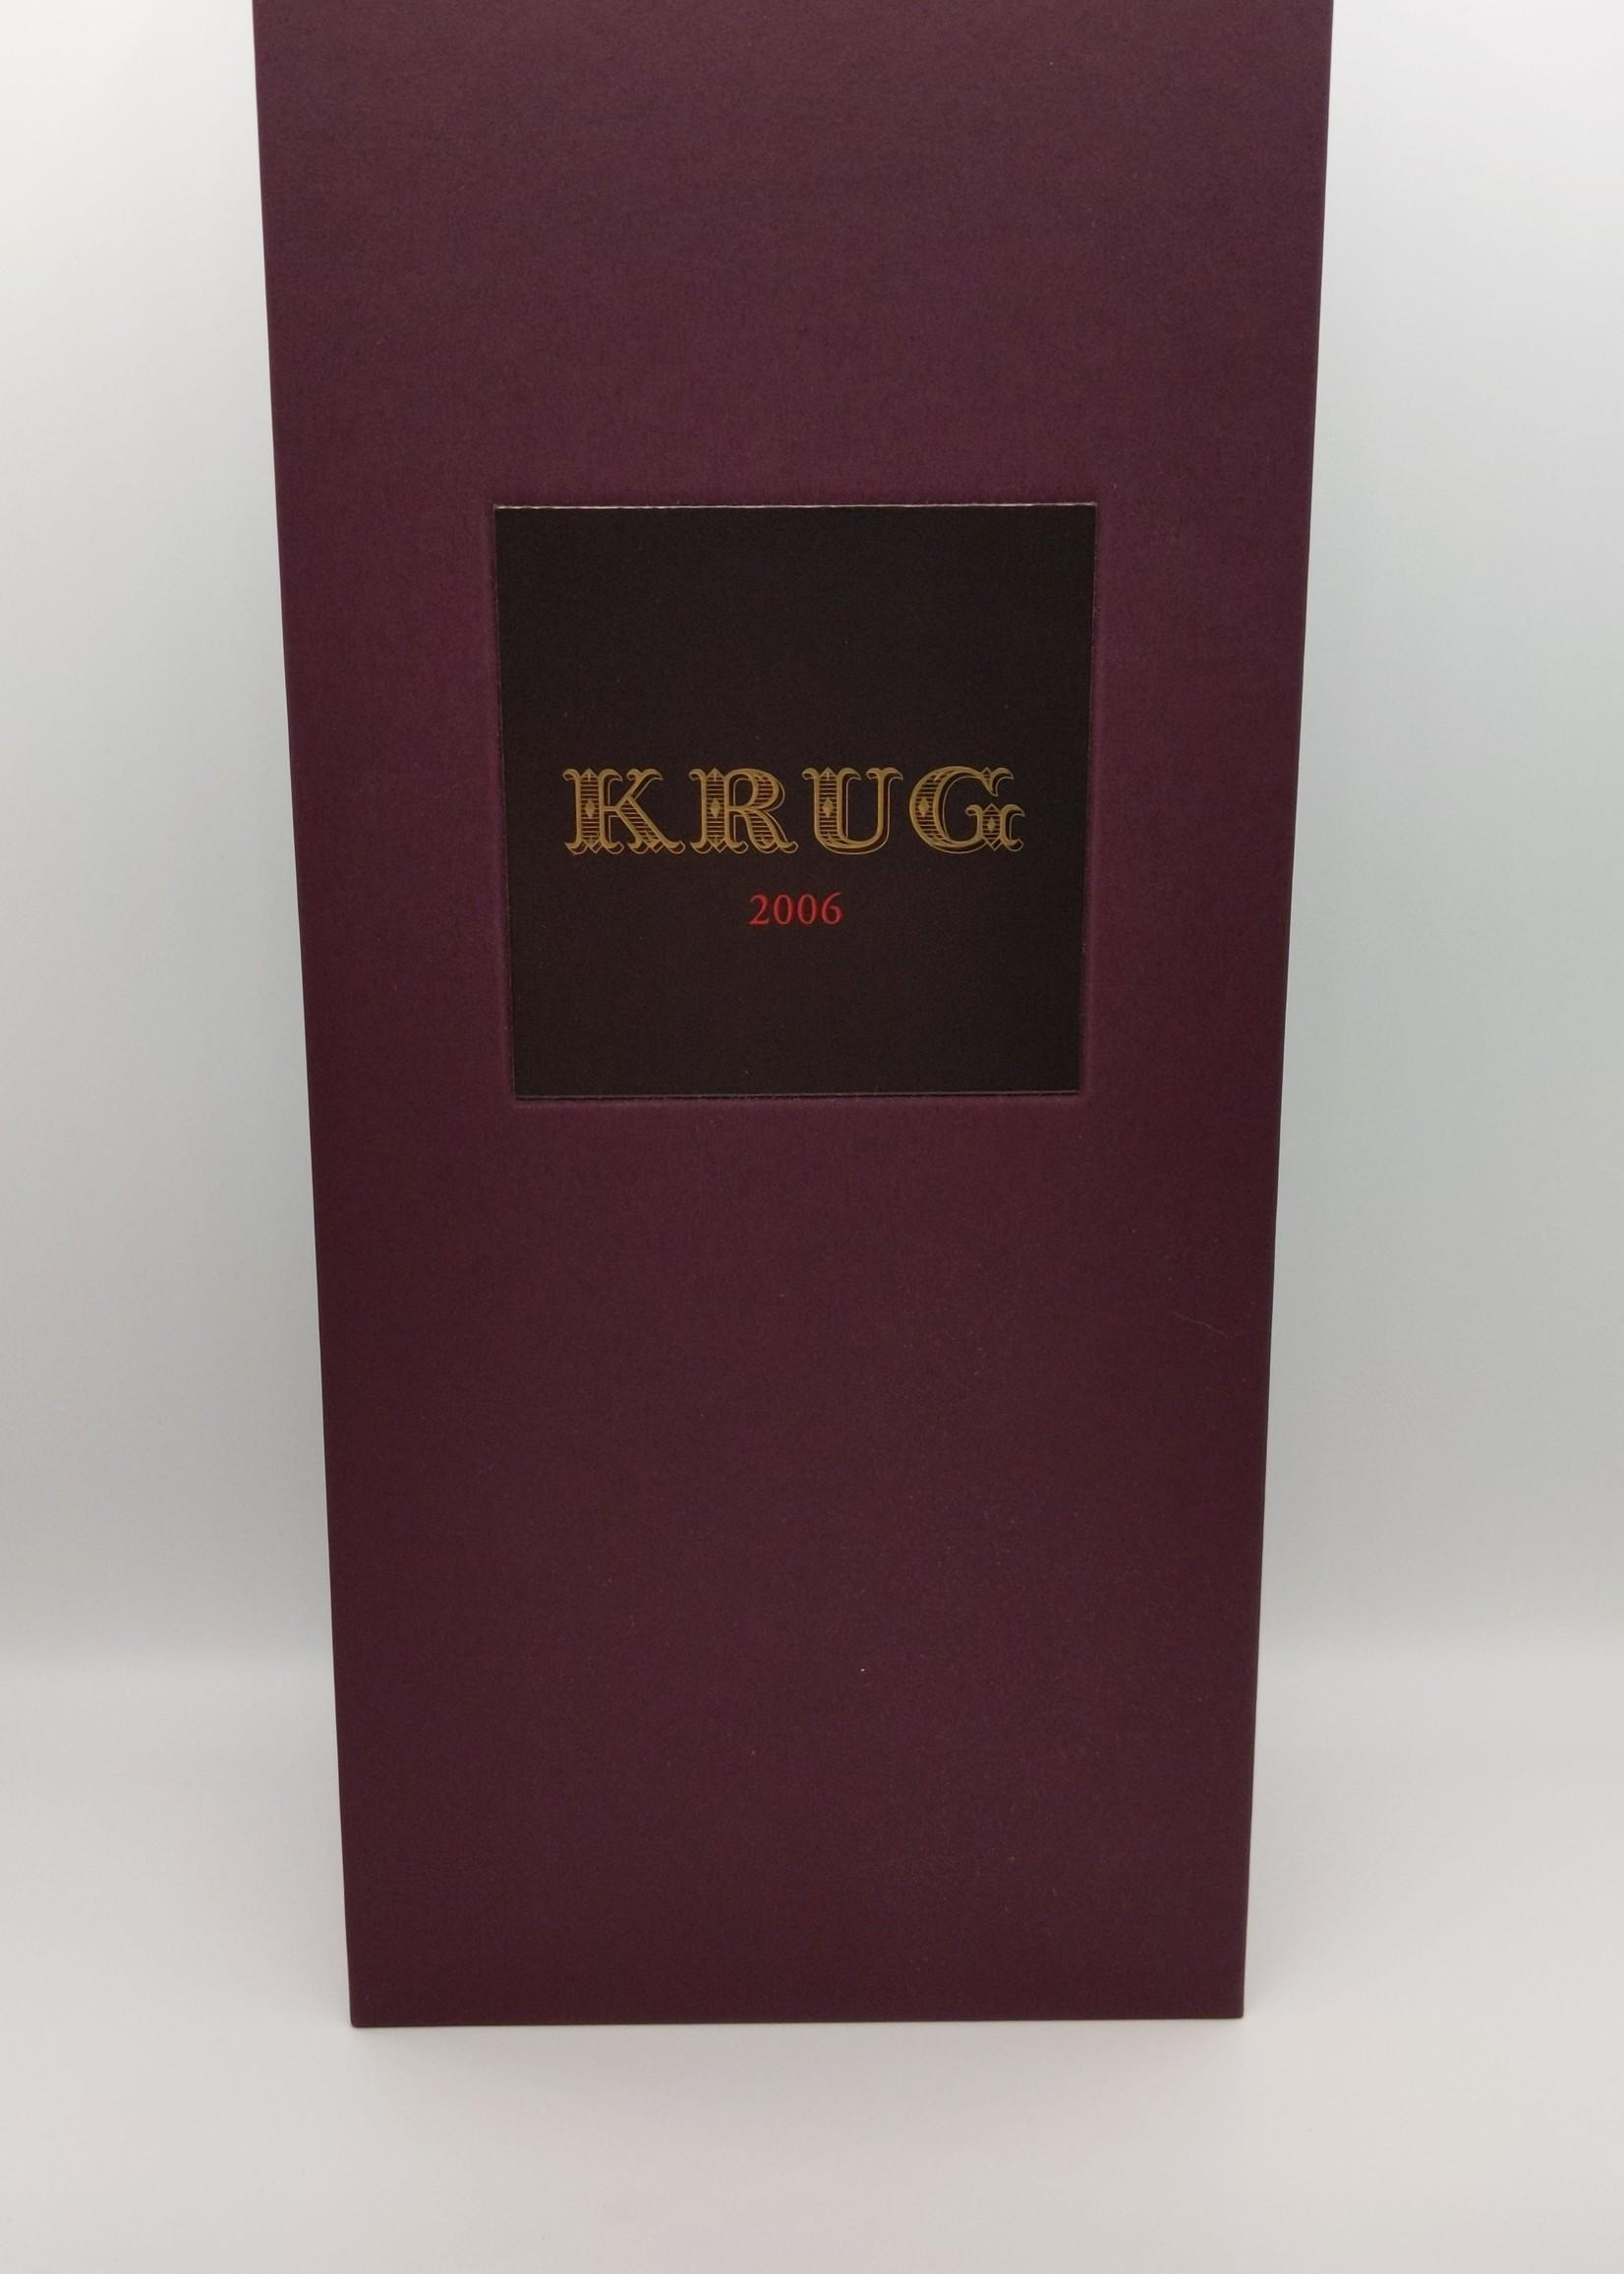 2006 KRUG GIFT BOX BRUT 750ml